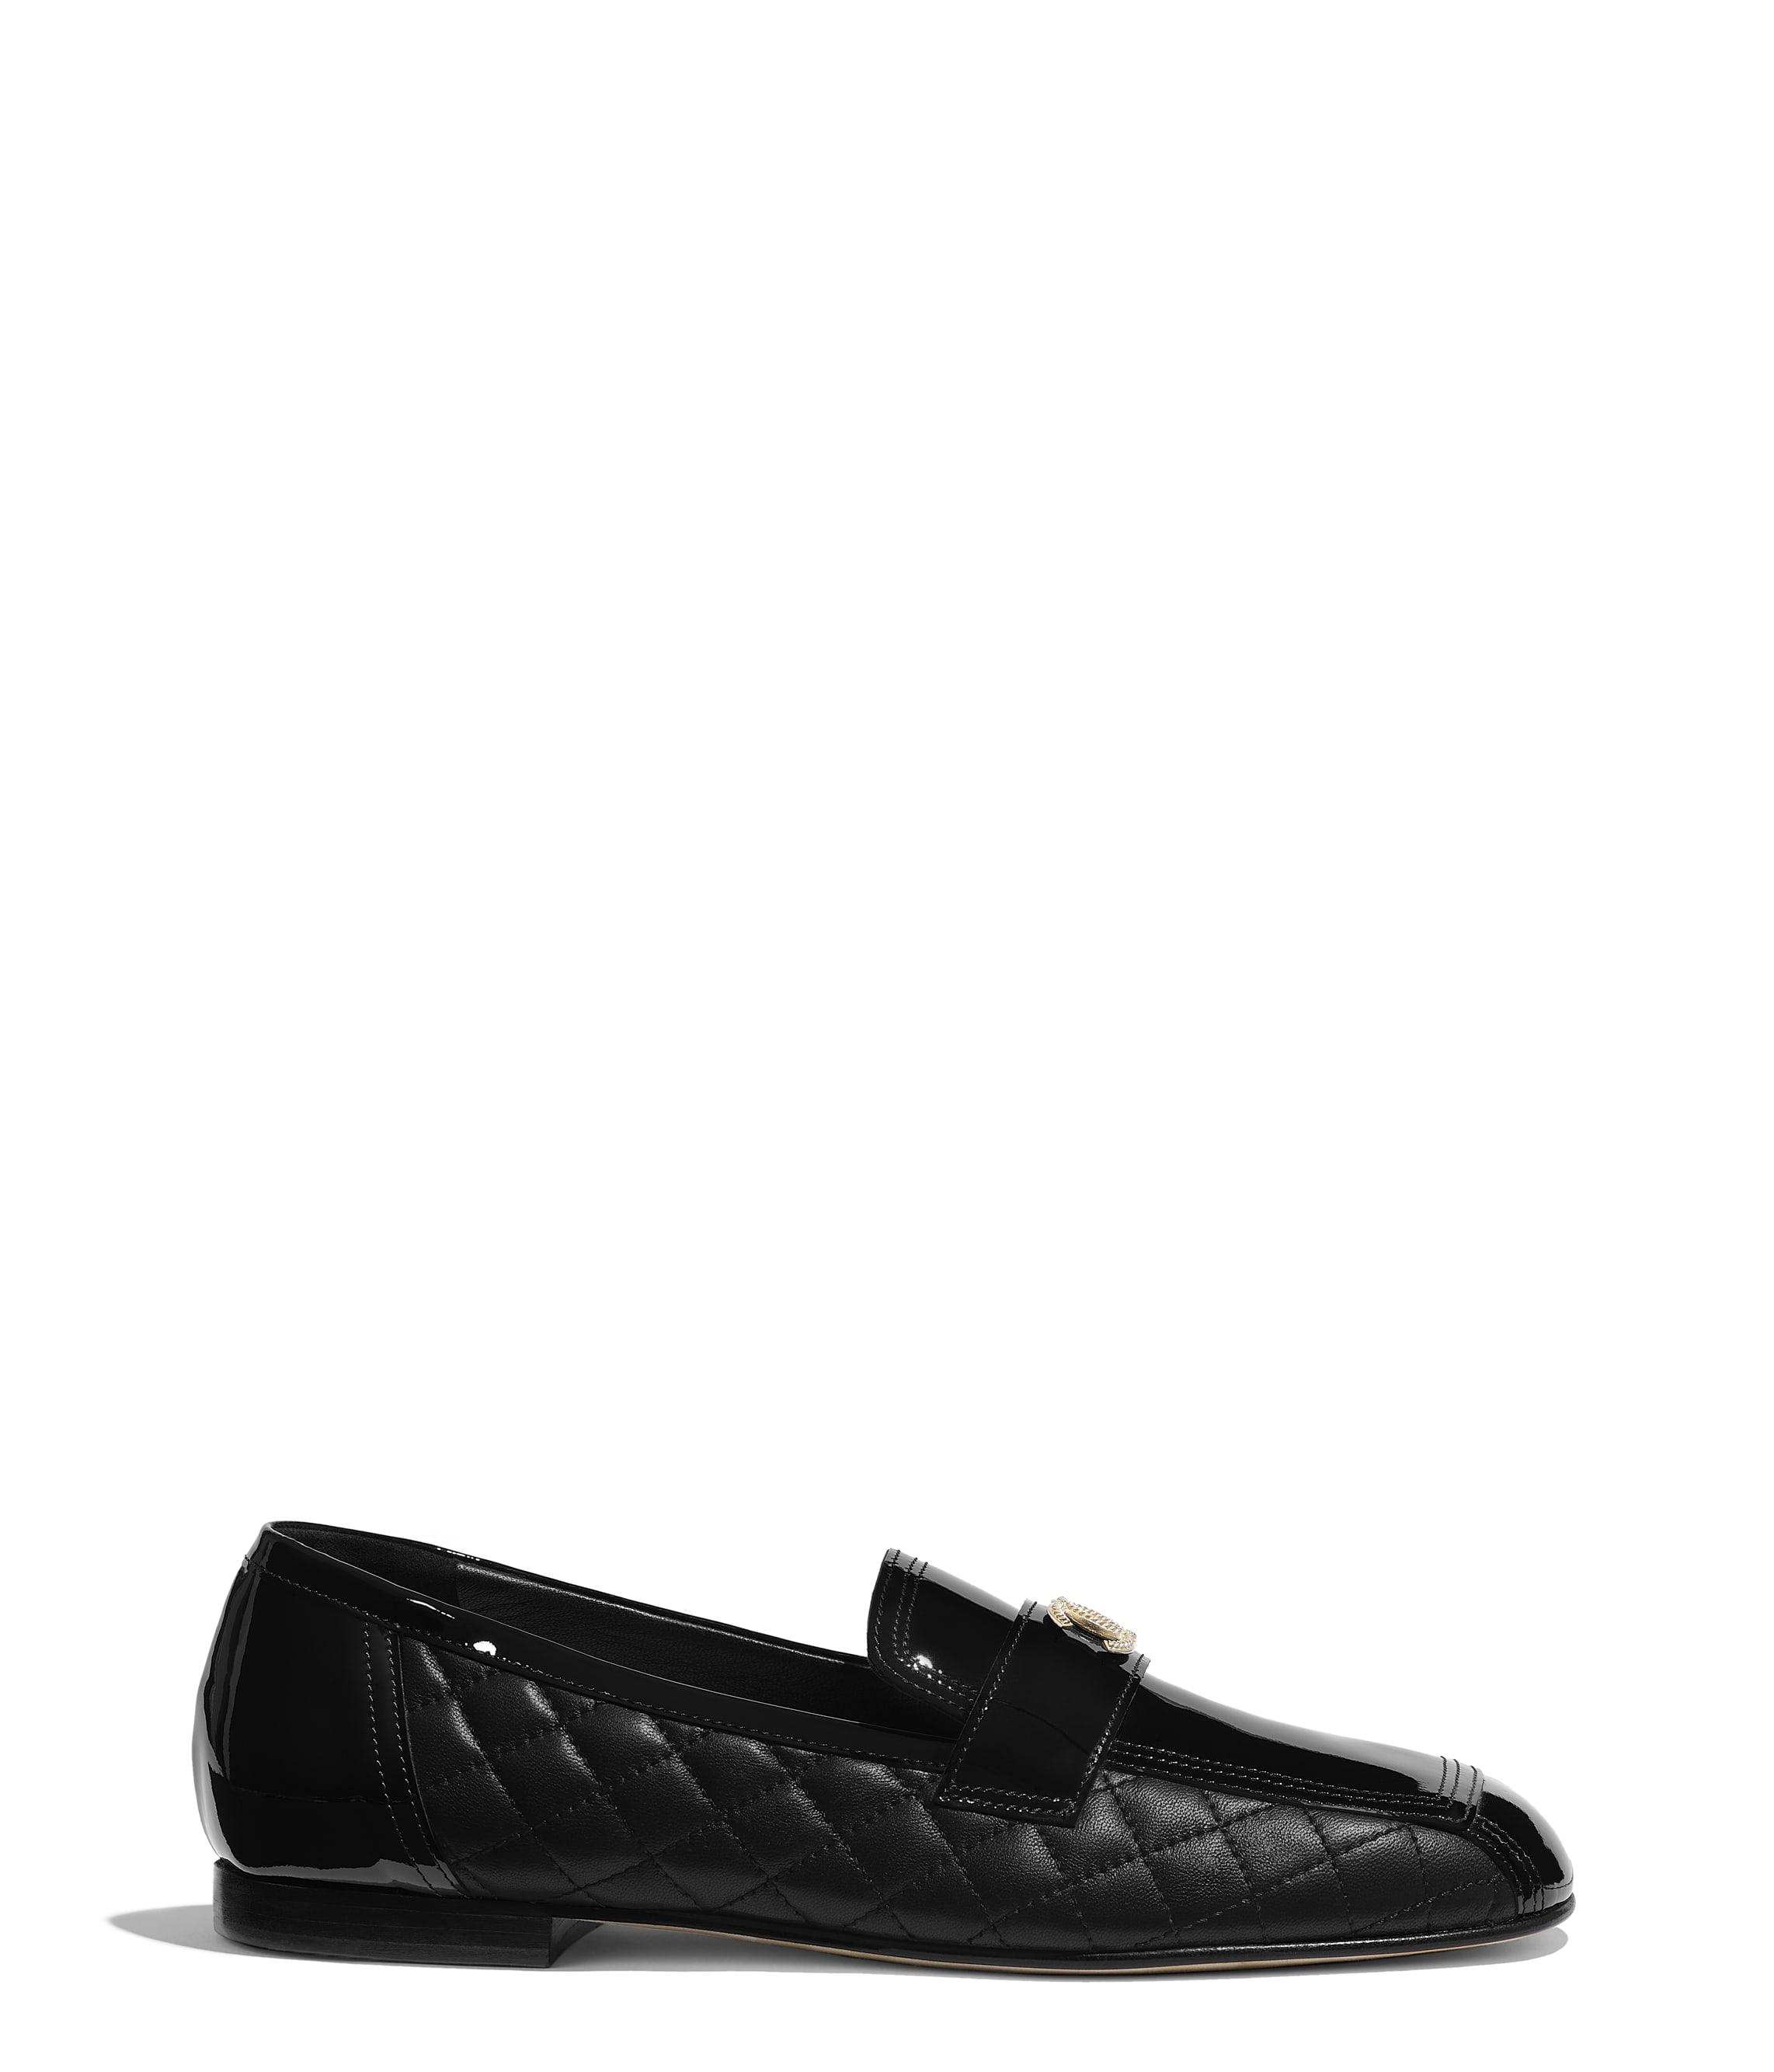 a97d60b6c7e Loafers. Patent Calfskin   Lambskin